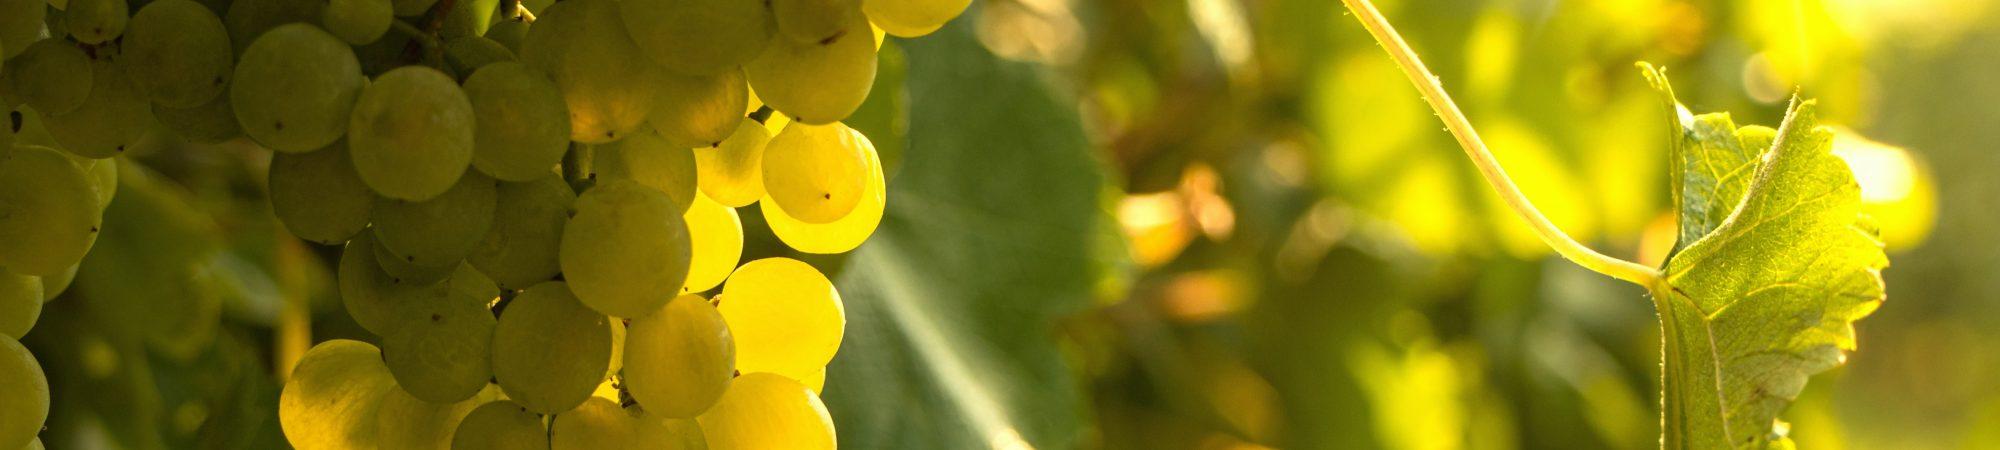 pexels Ⓒ marc-winter - Salon du Vin Bio